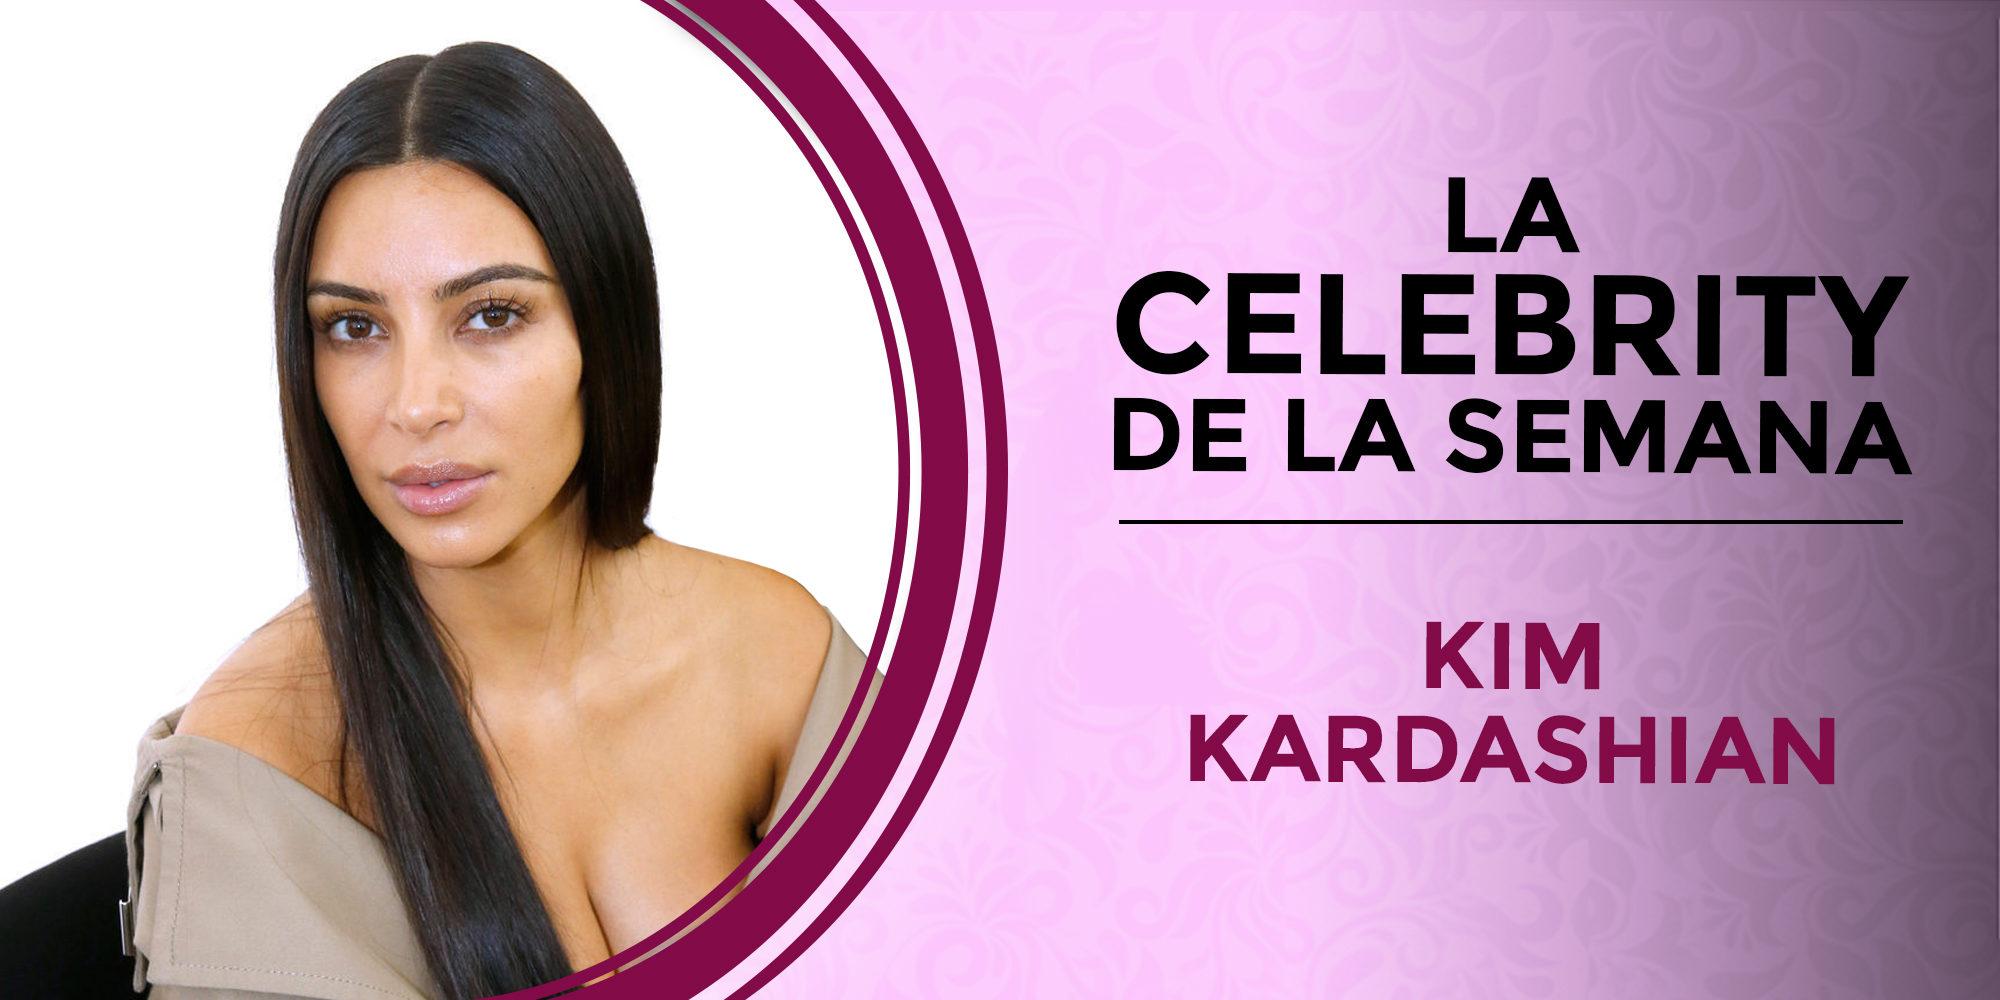 Kim Kardashian se convierte en la celebrity de la semana por el robo de París y sus consecuencias